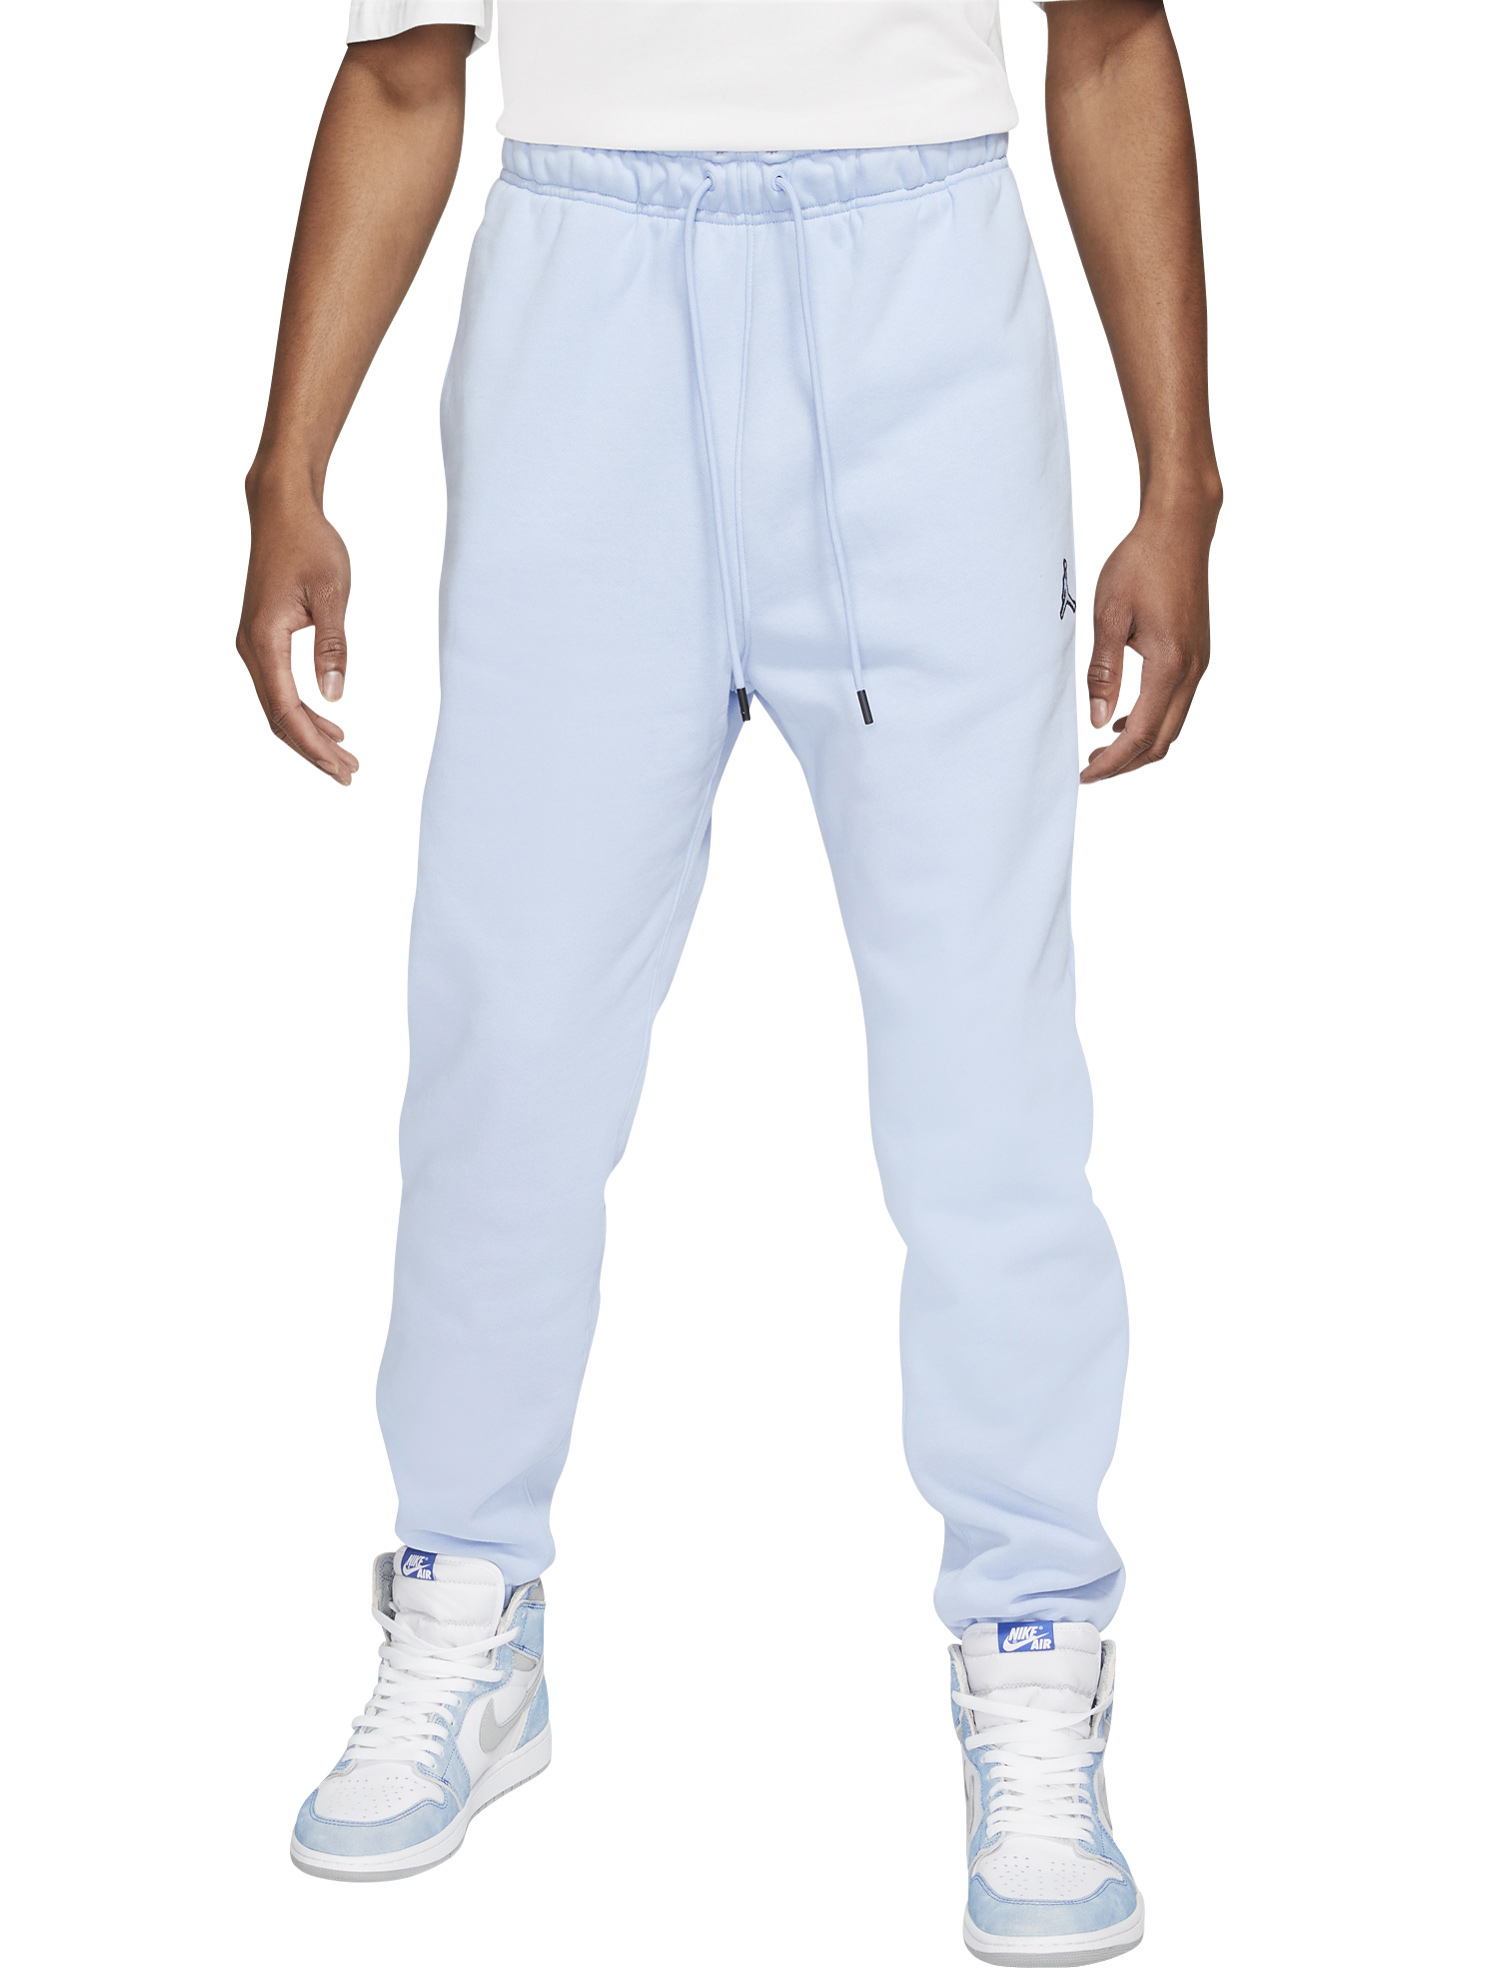 jordan-5-bluebird-pants-match-1